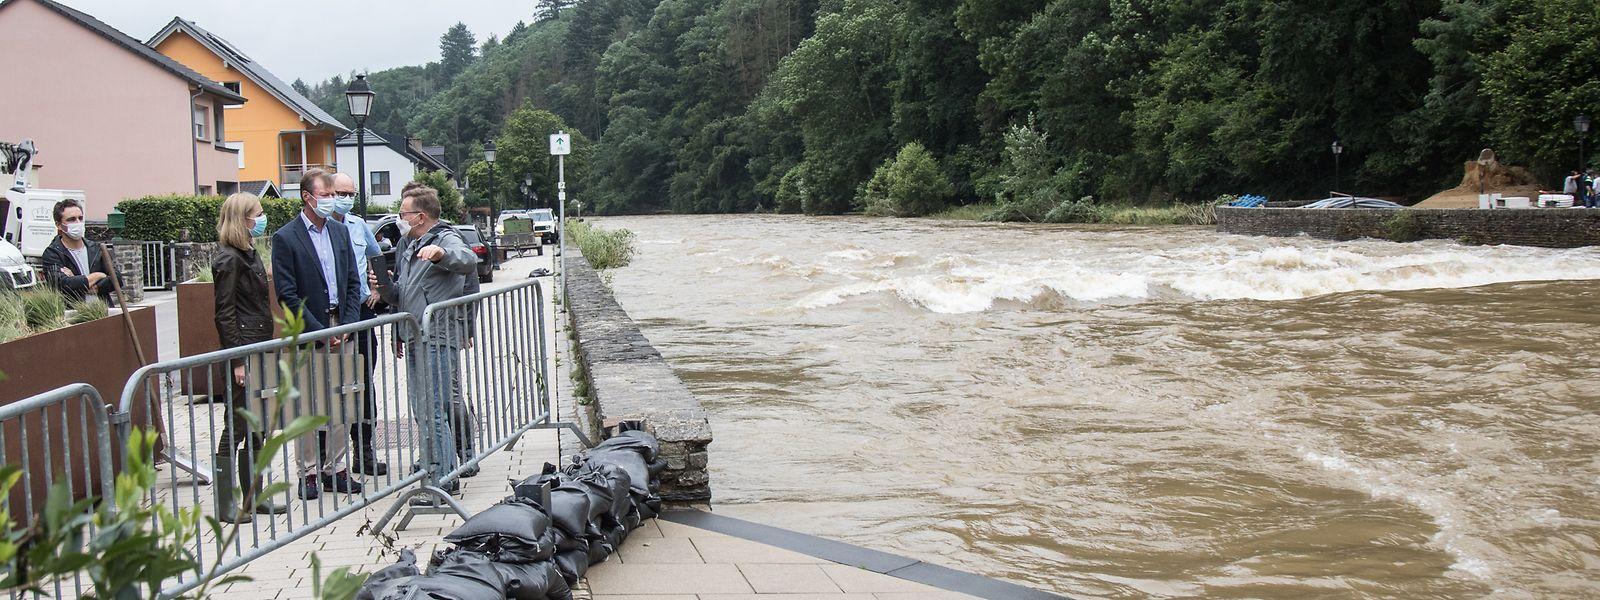 Comme ici à Vianden, la stagnation de l'épisode pluvieux pendant de longues heures a rapidement fait gonfler l'Our.